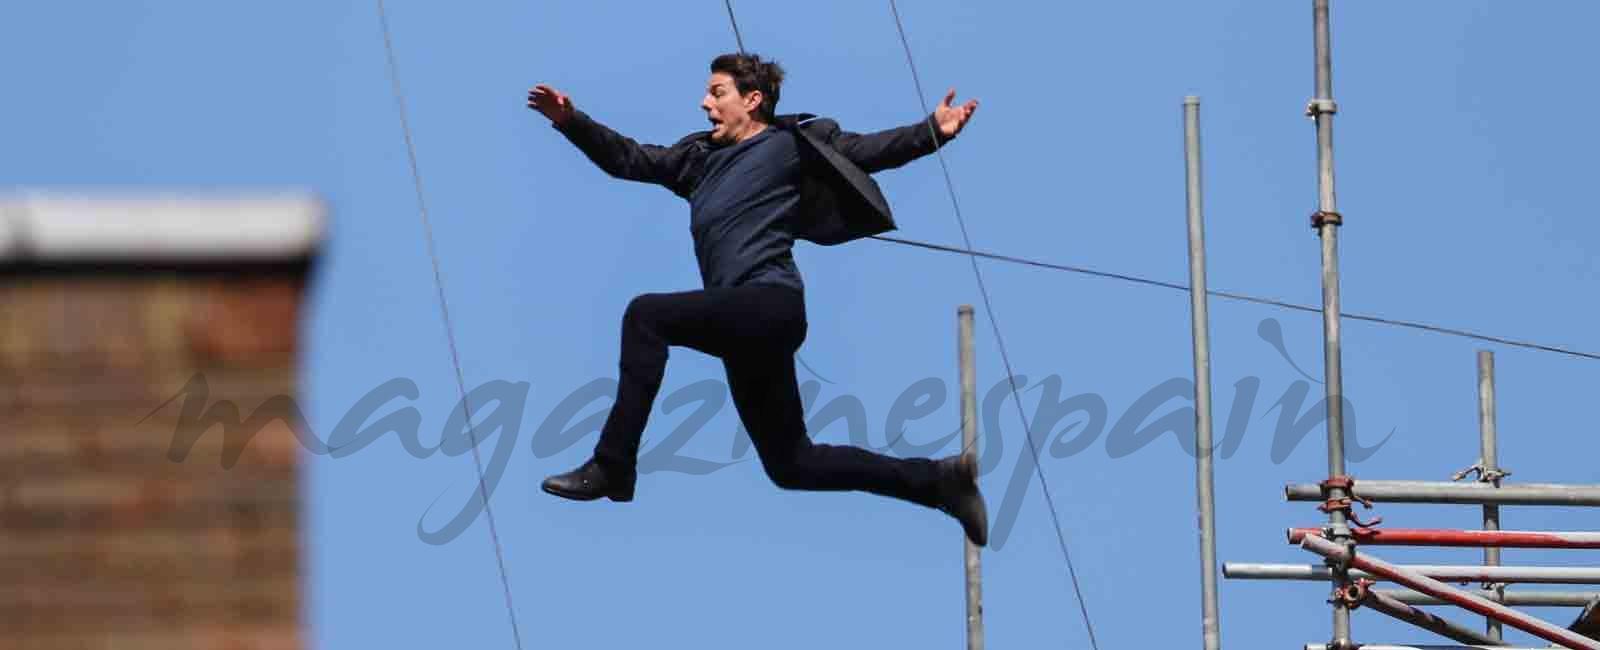 Tom Cruise accidente rodando Misión Imposible 6